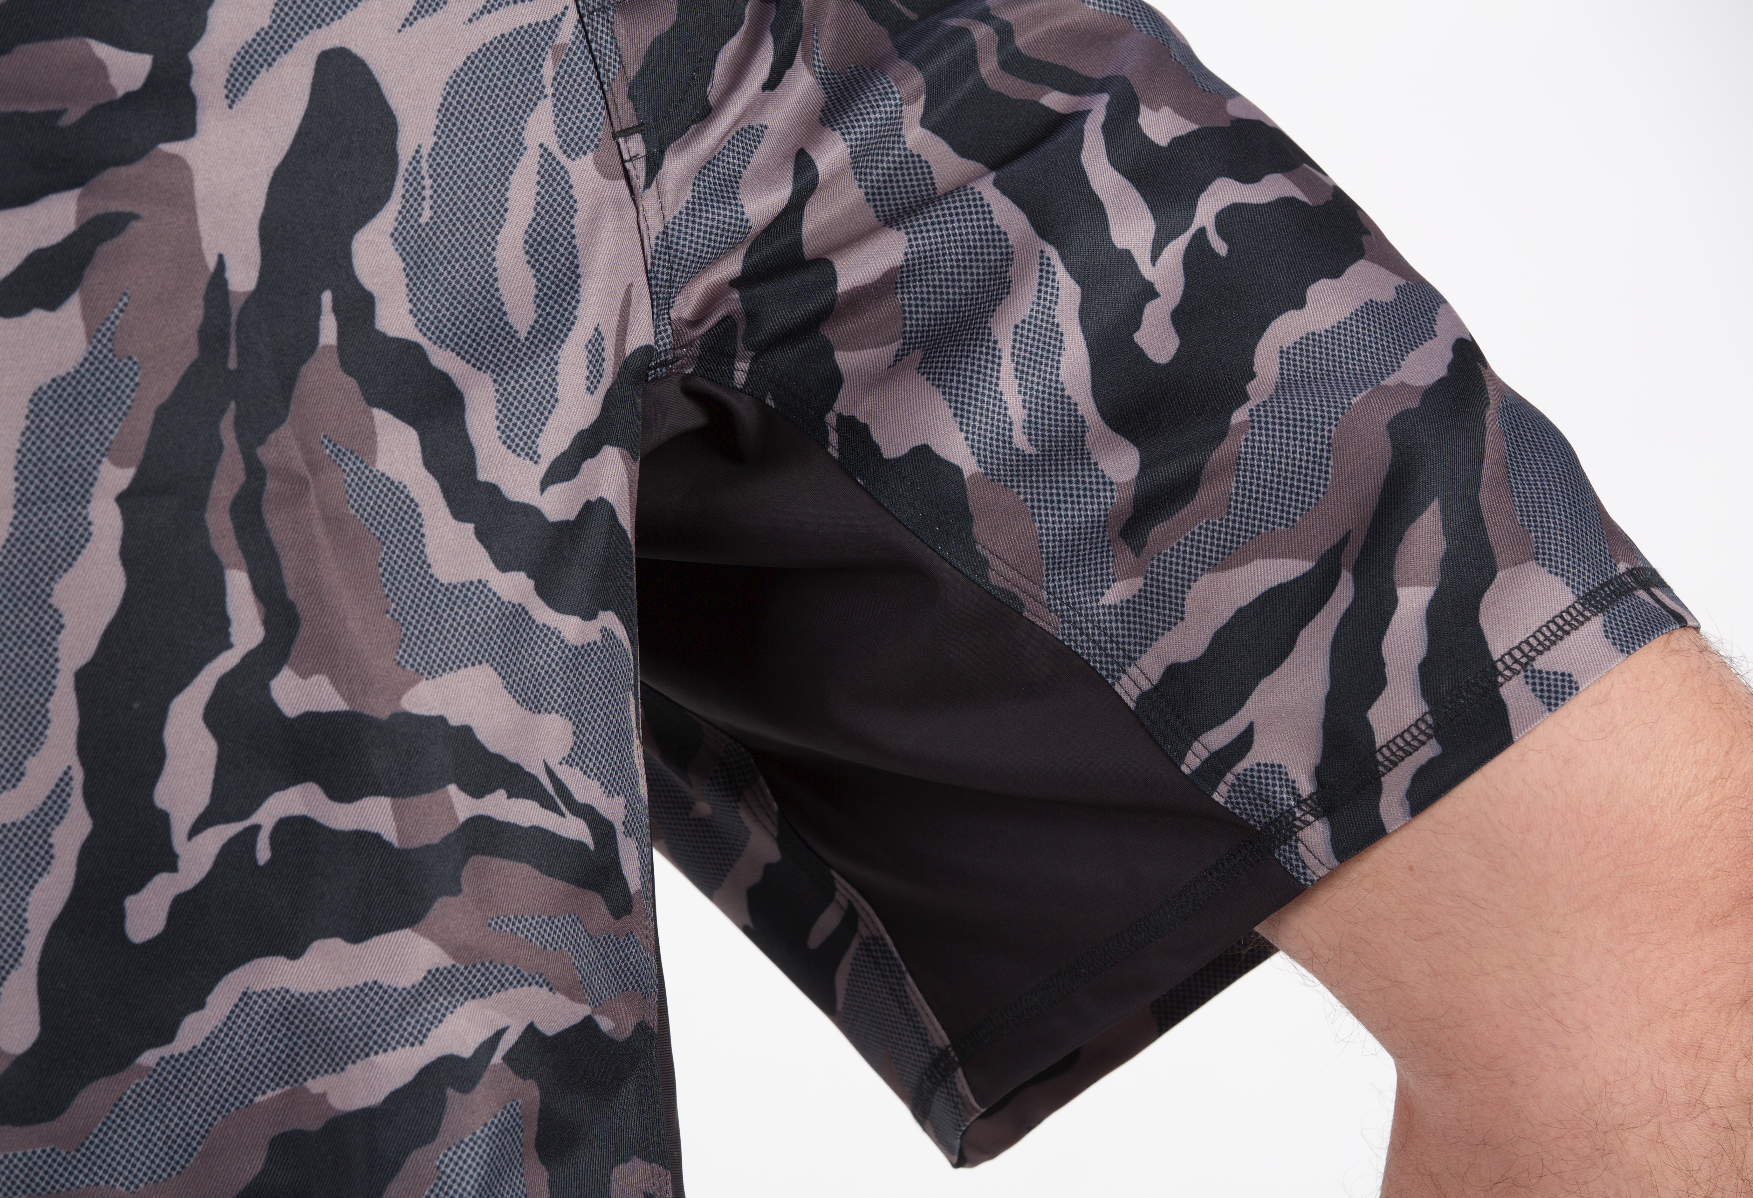 Badbreed-MMA-Shorts-Camouflage-1